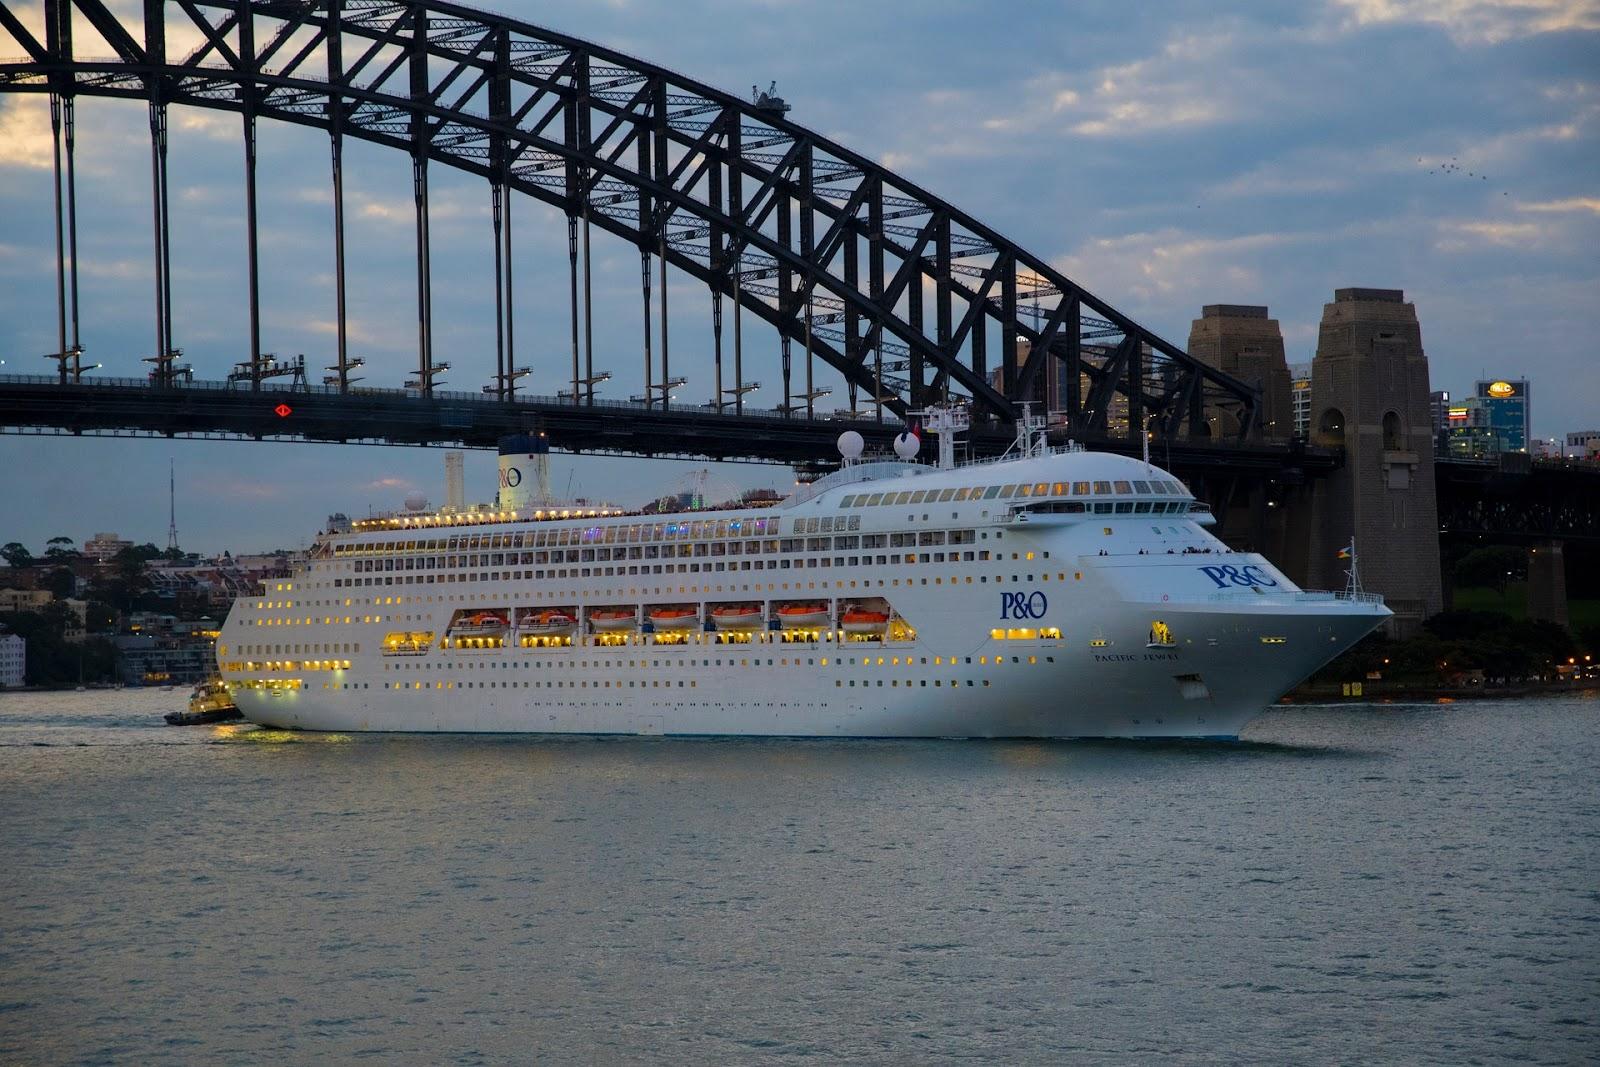 Arbeiten auf einem Kreuzfahrtschiff - ein Traumjob?